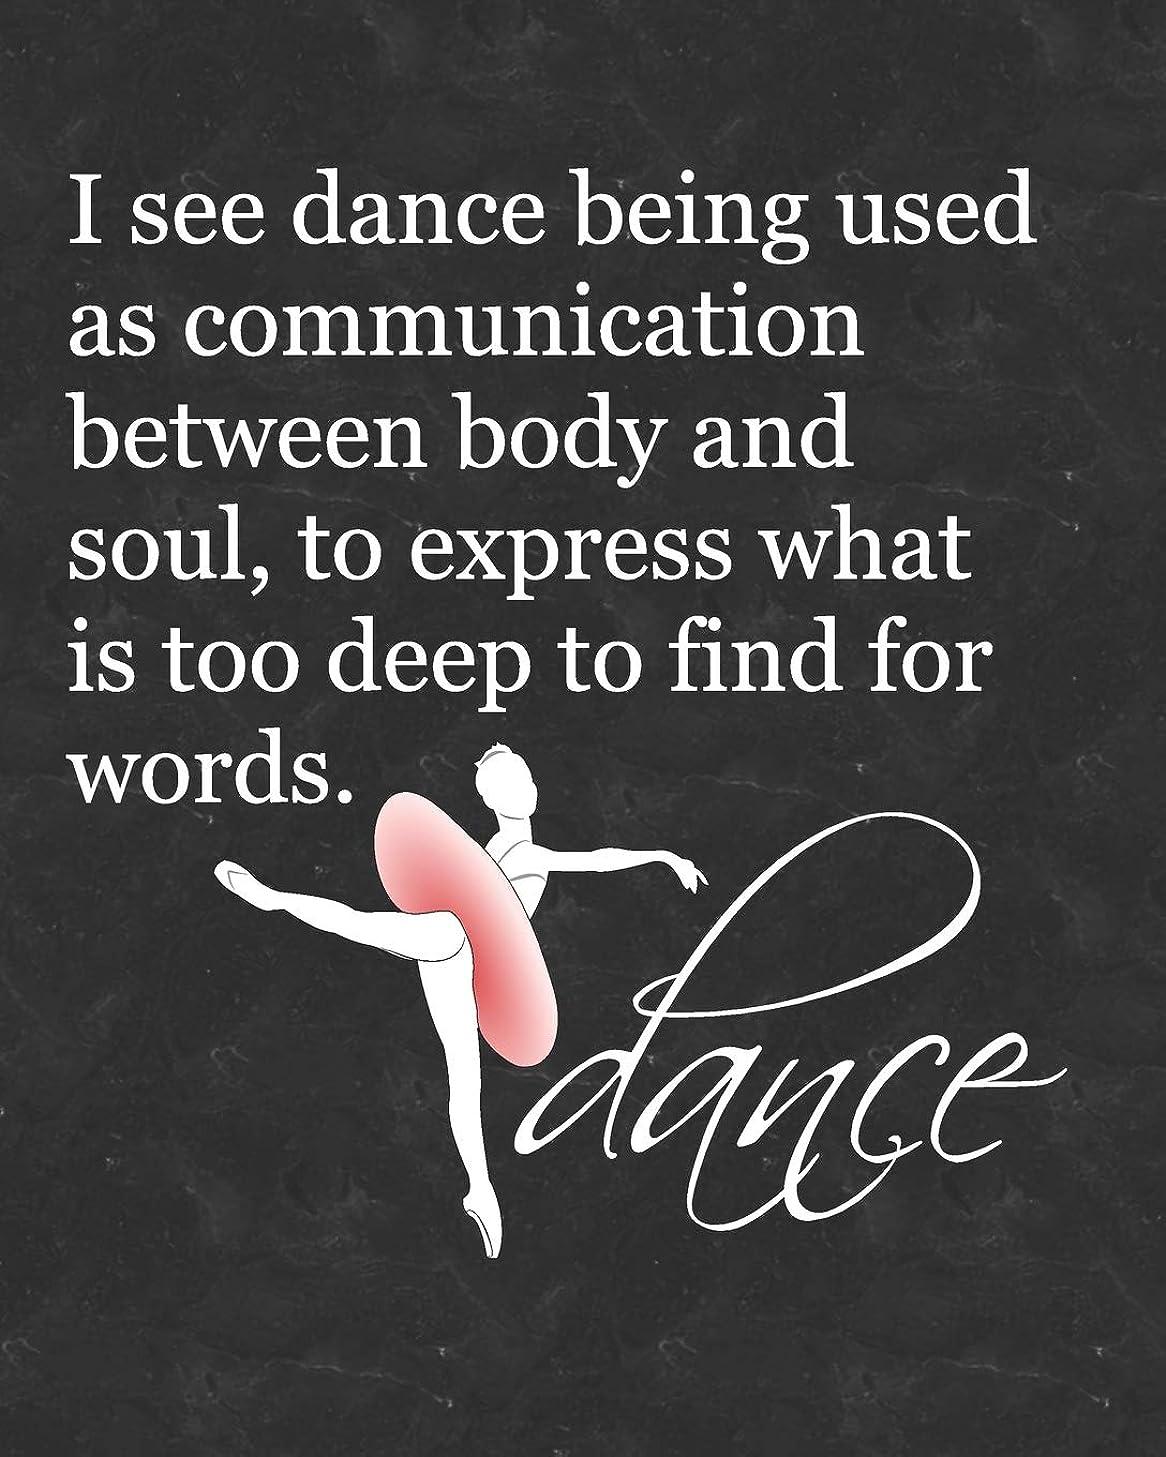 引退する実験的振るうBallet Attitude Dance Quote: 2019 Daily Planner for Dance Students and Teachers